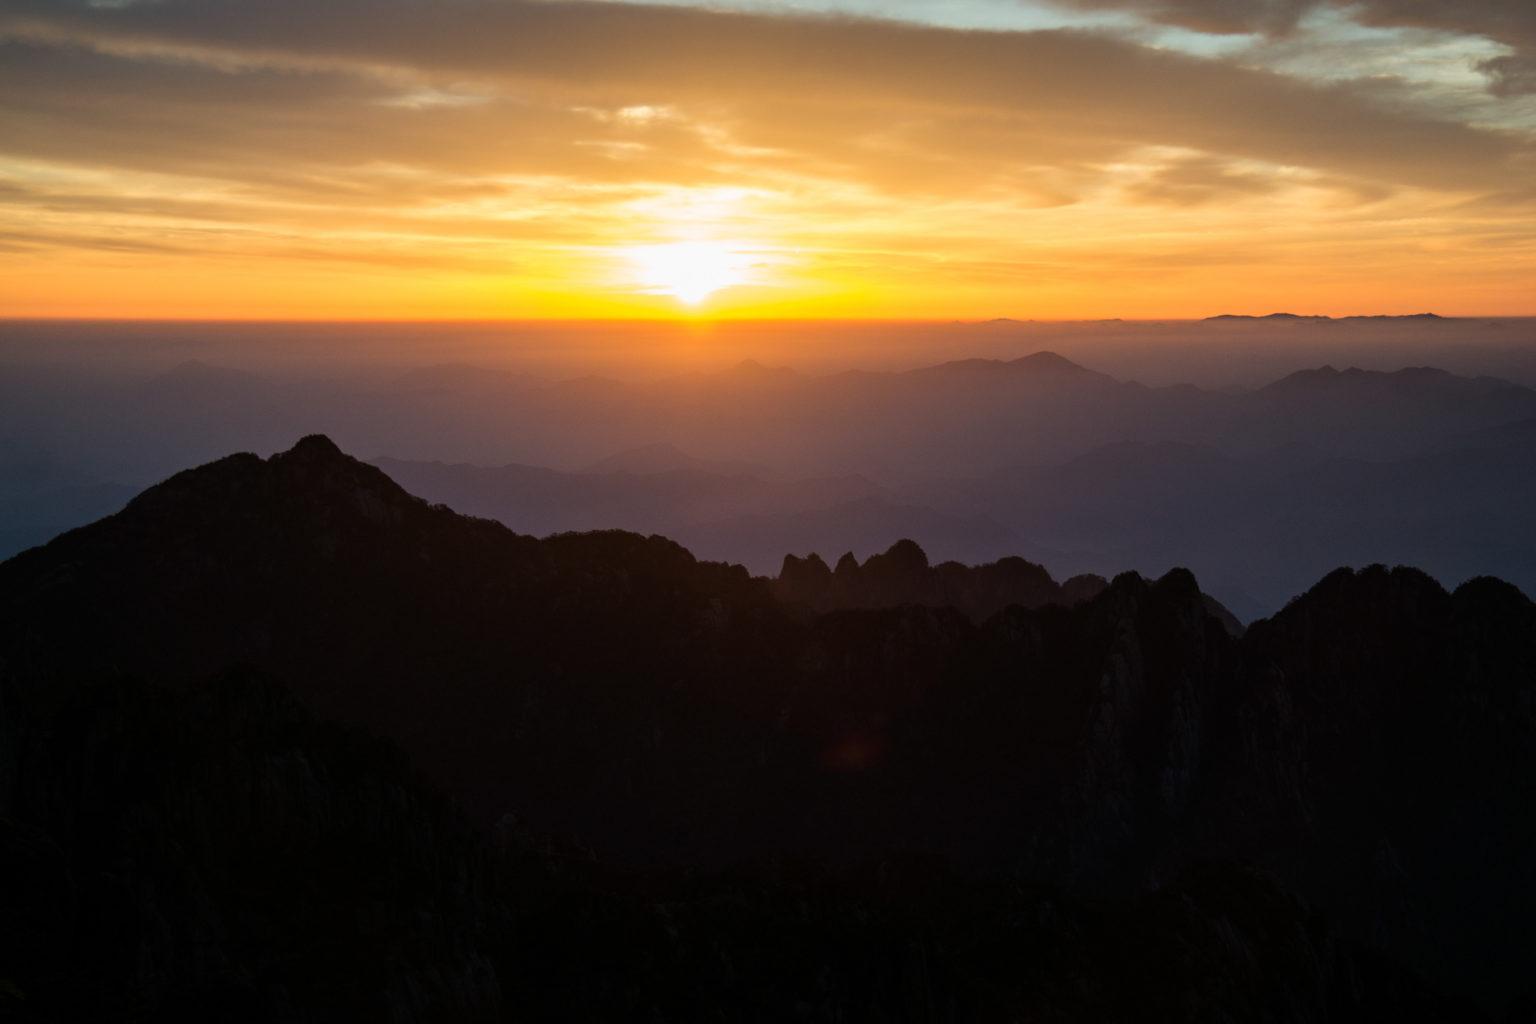 Wschód Słońca w Żółtych Górach